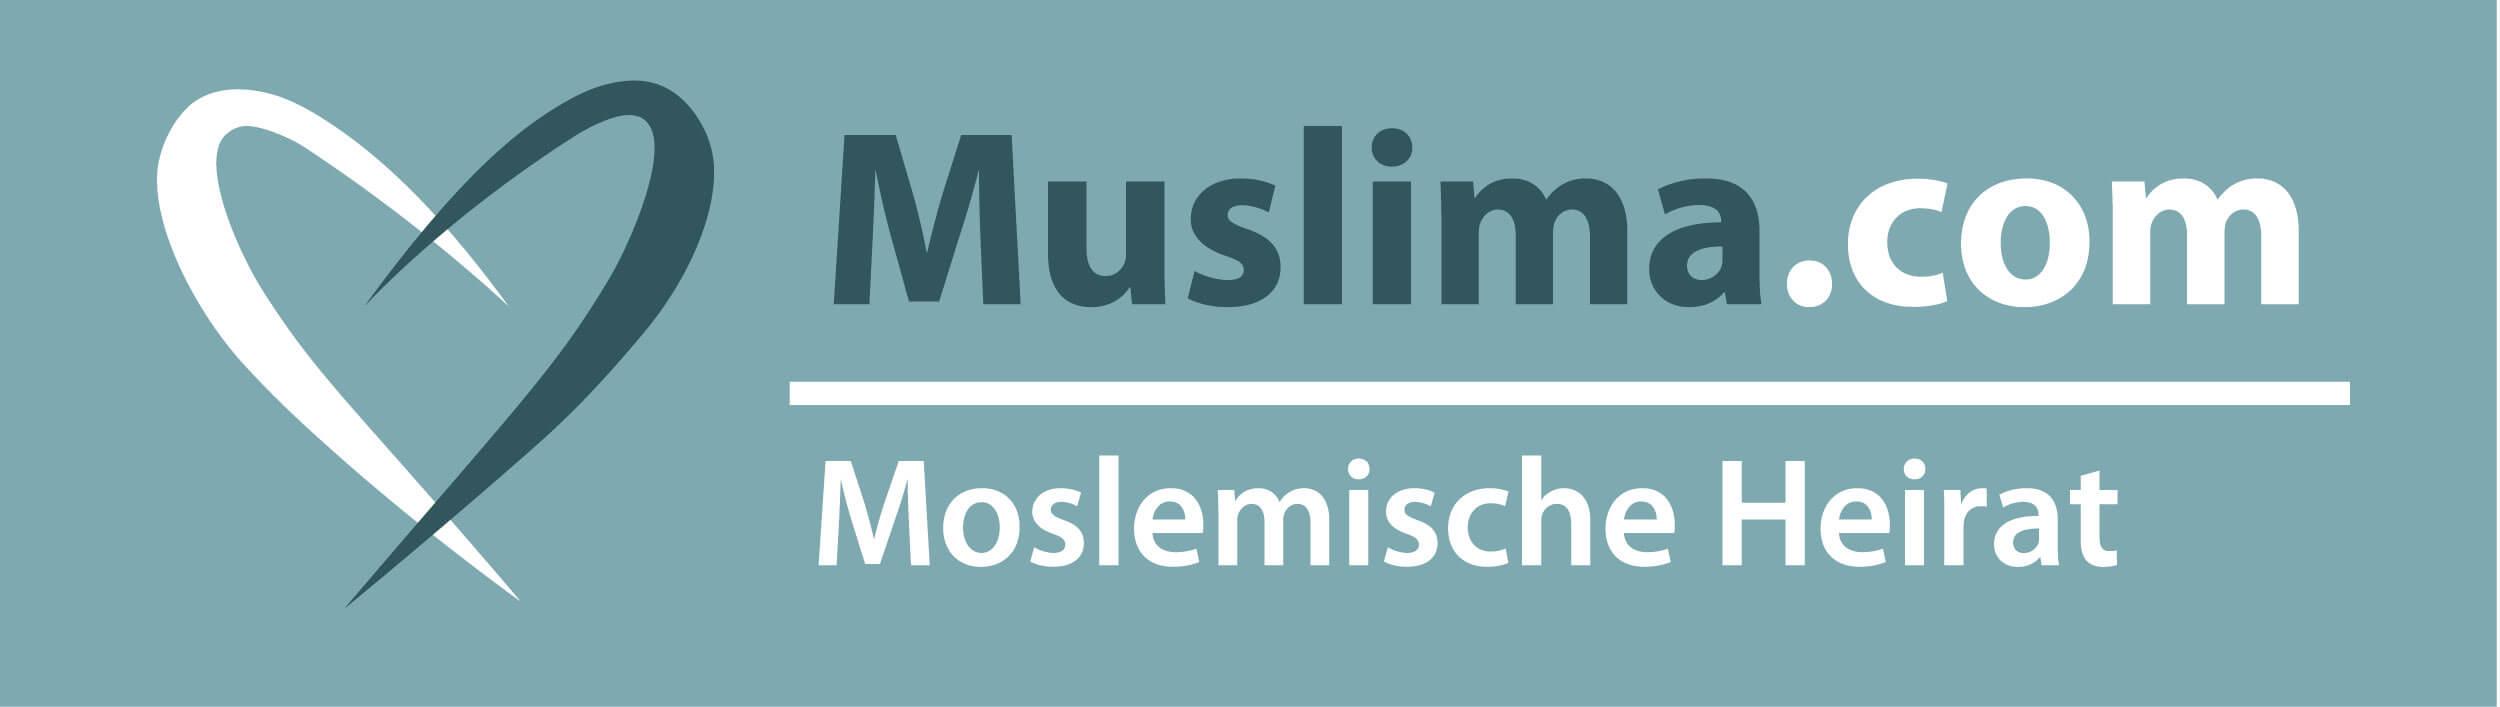 Muslima.com Logo